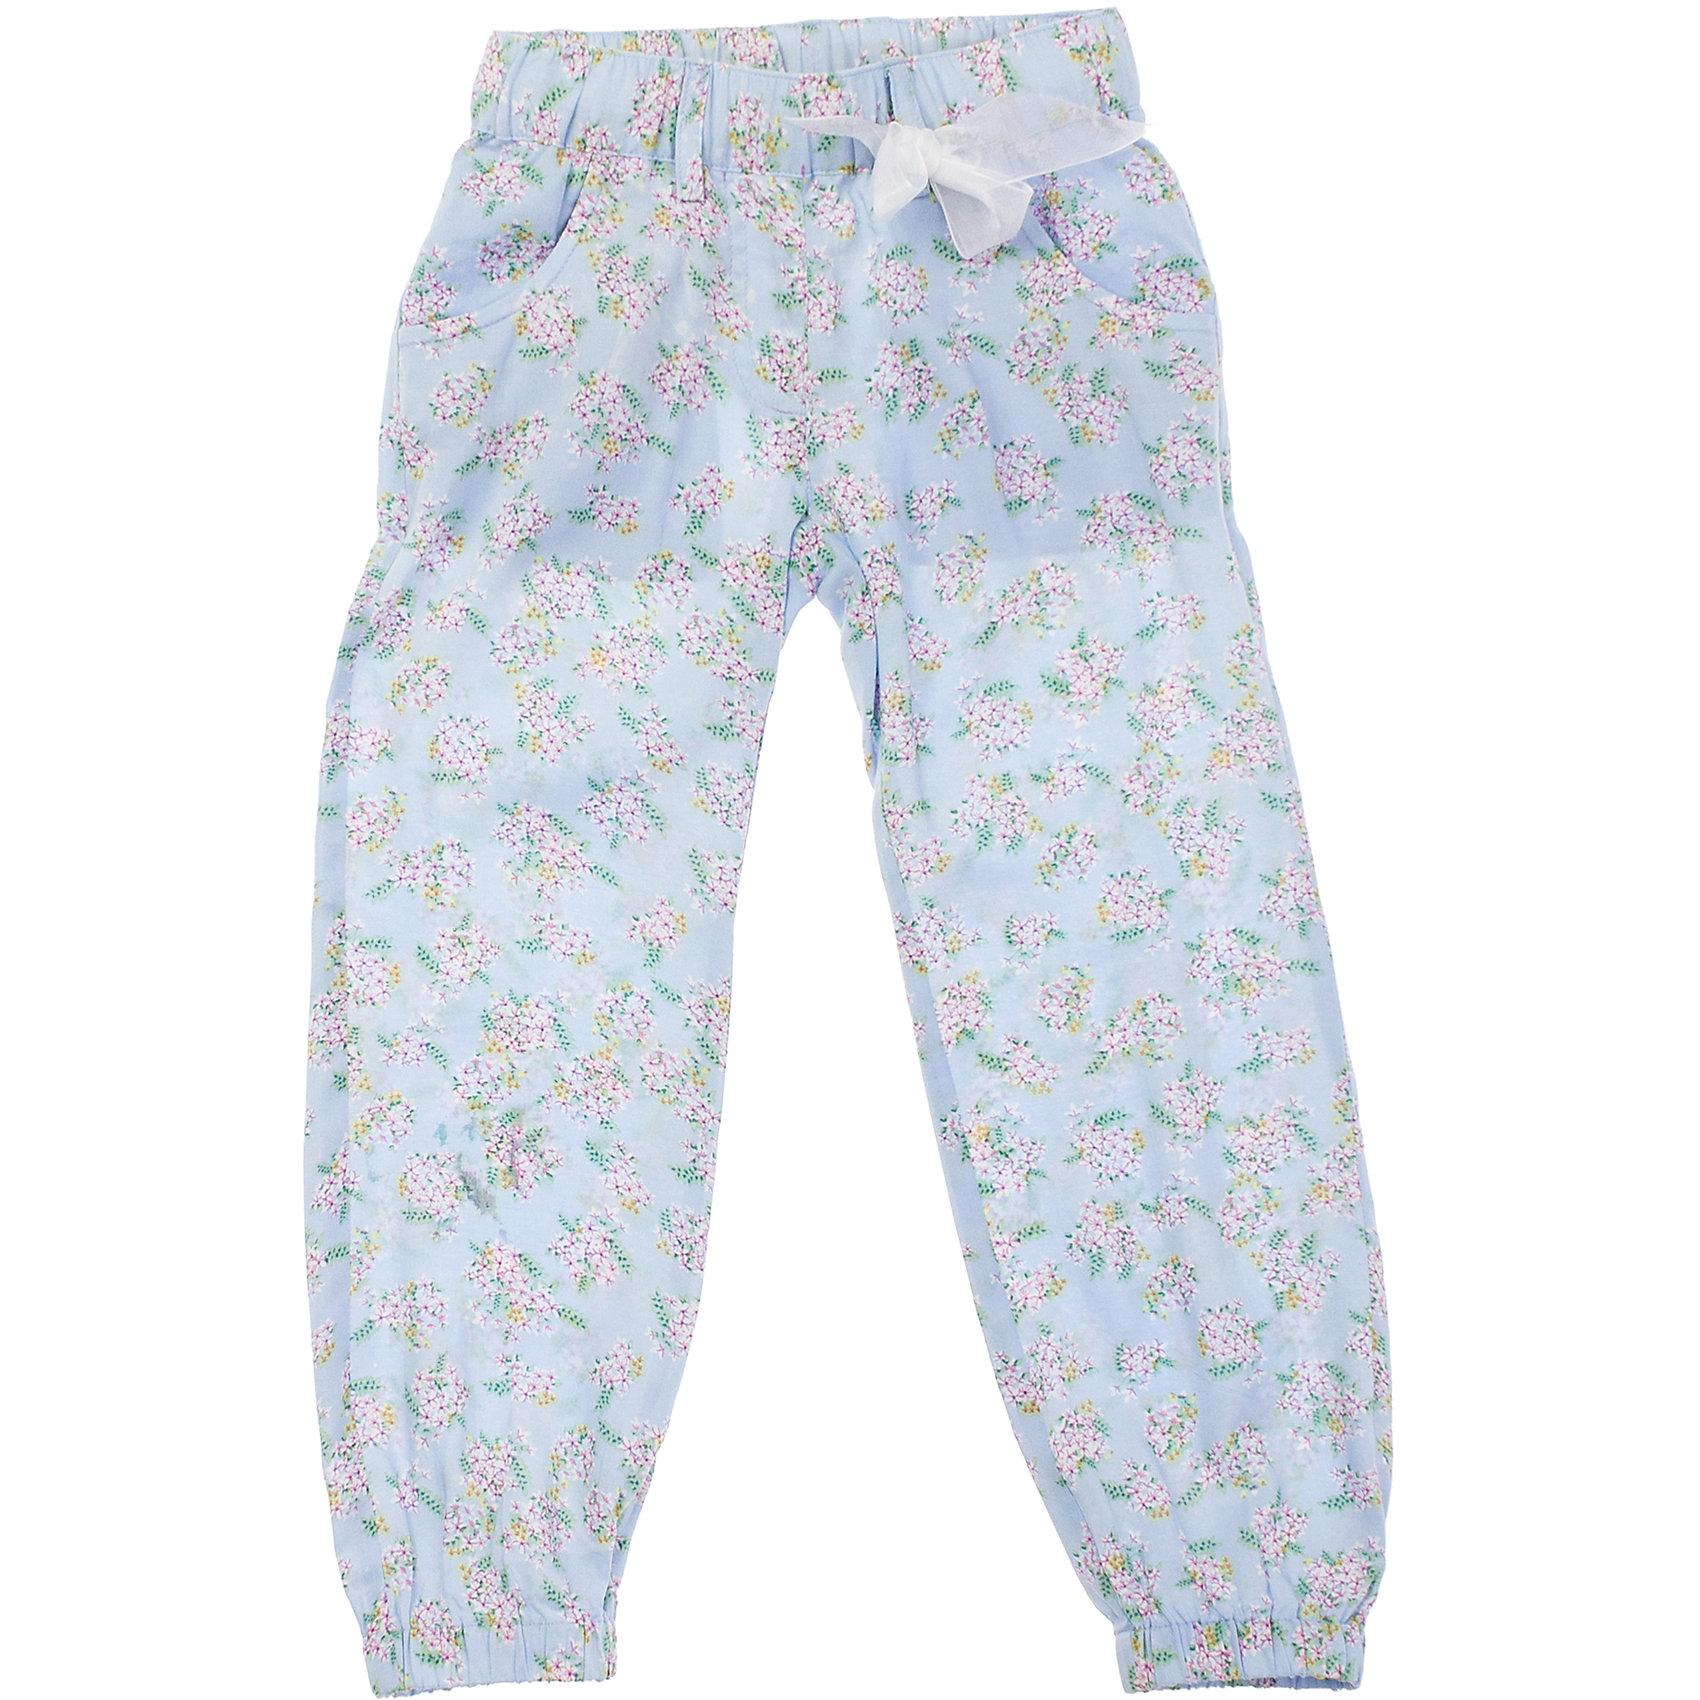 Брюки для девочки PlayTodayБрюки<br>Легкие и воздушные голубые брюки из вискозы. Украшены нежными розовыми цветочками и ягодками. Низ штанишек и пояс нарезинке, дополнительно регулируется тесьмой. Состав: 100% вискоза<br><br>Ширина мм: 215<br>Глубина мм: 88<br>Высота мм: 191<br>Вес г: 336<br>Цвет: голубой<br>Возраст от месяцев: 72<br>Возраст до месяцев: 84<br>Пол: Женский<br>Возраст: Детский<br>Размер: 122,128,116,98,110,104<br>SKU: 4652623